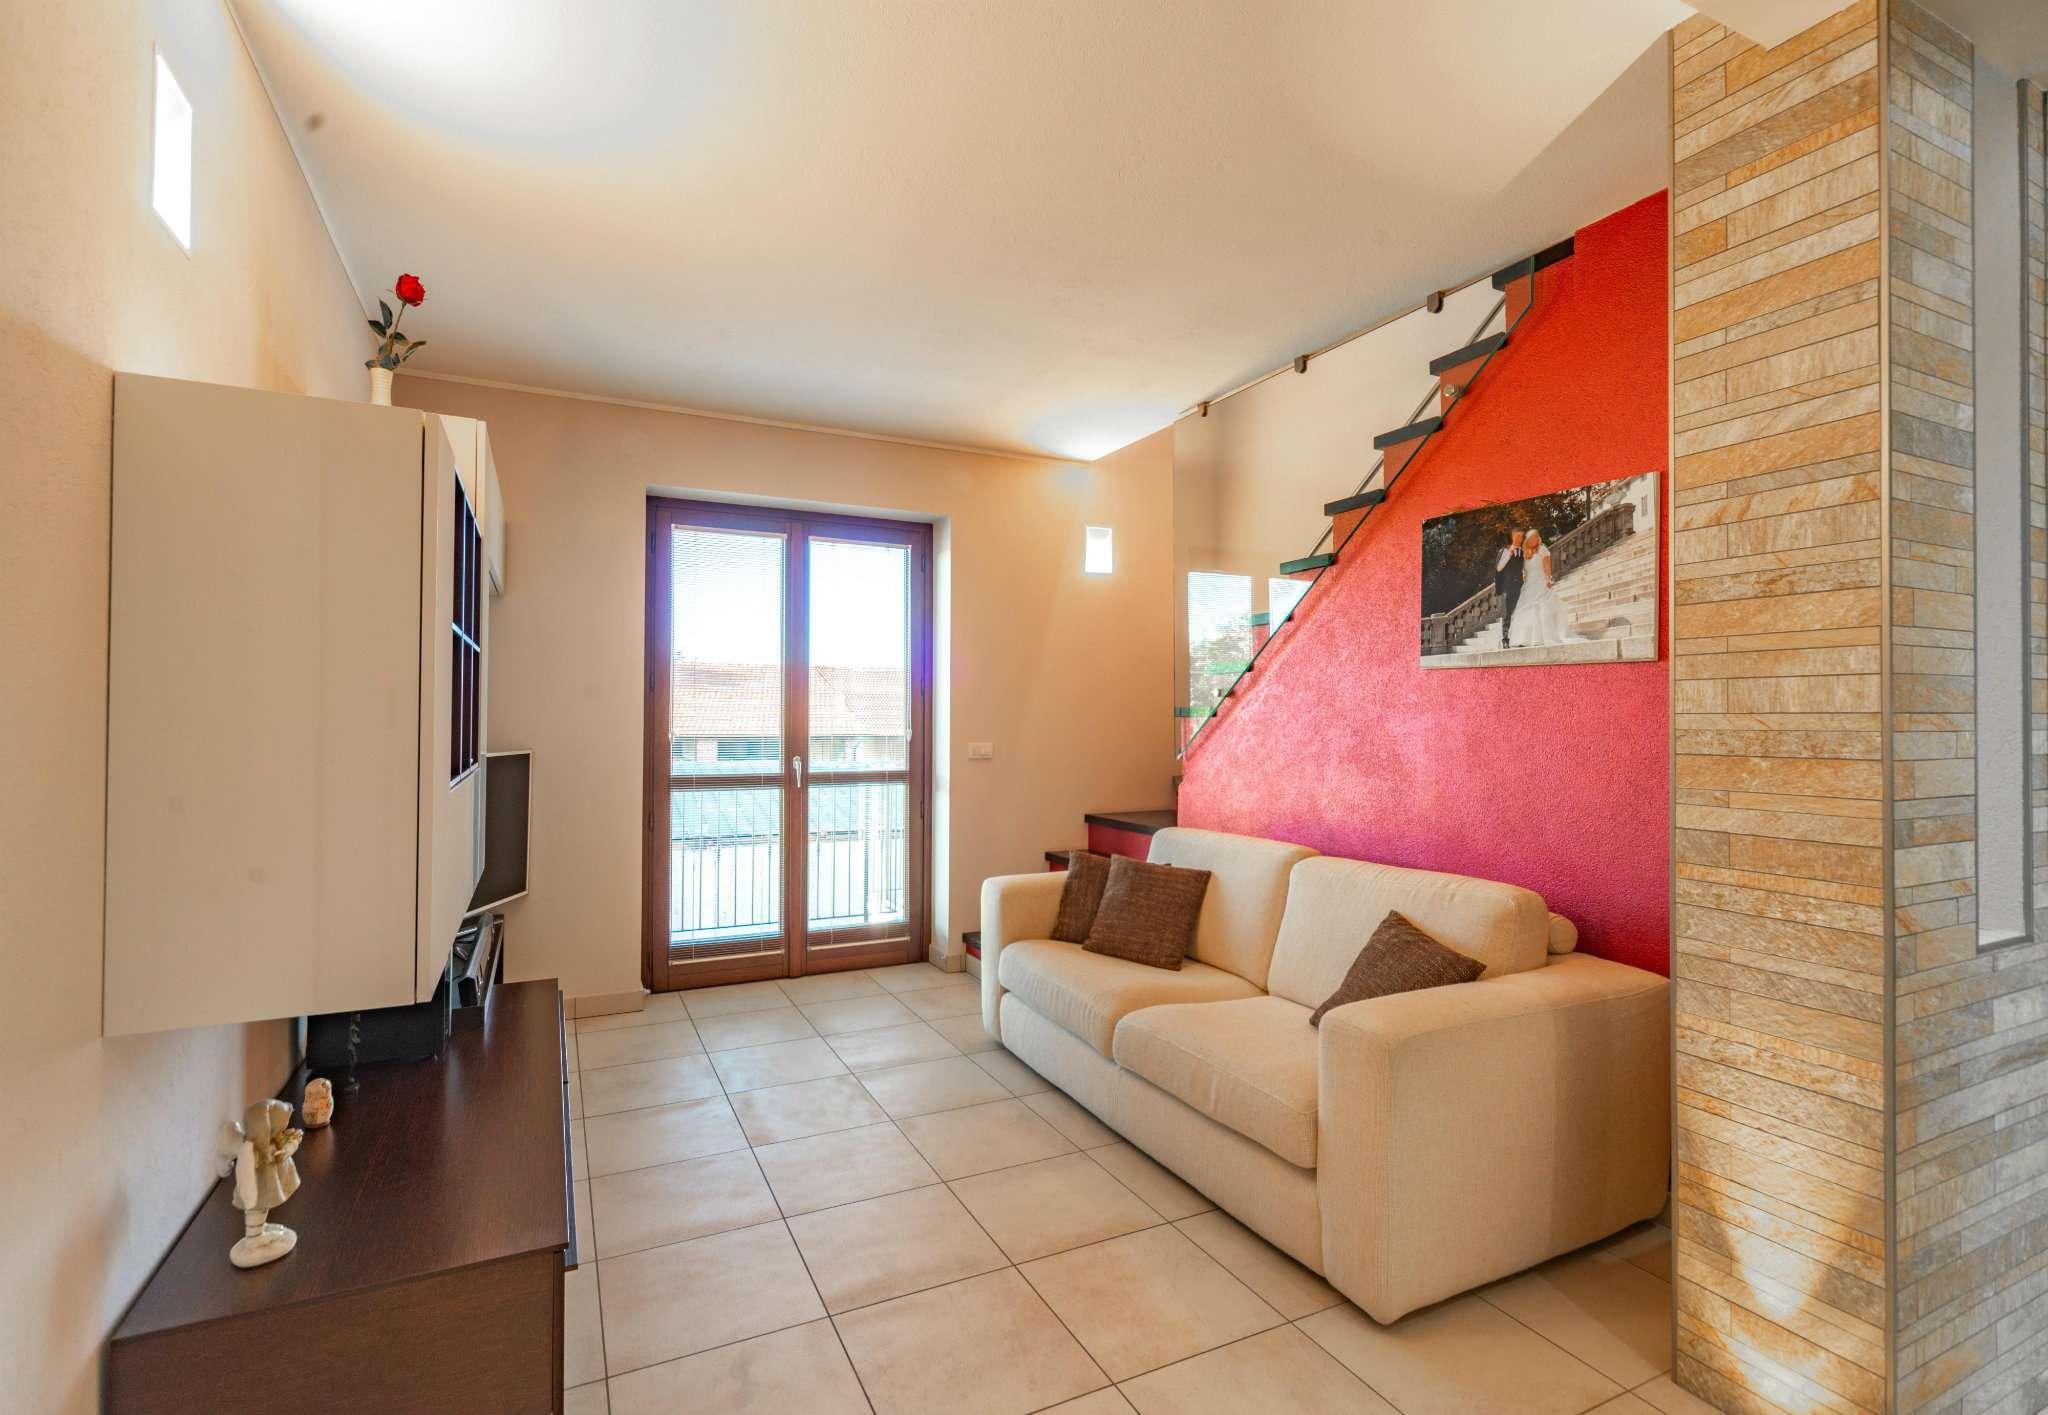 Appartamento in vendita a Cervasca, 4 locali, prezzo € 183.000 | PortaleAgenzieImmobiliari.it